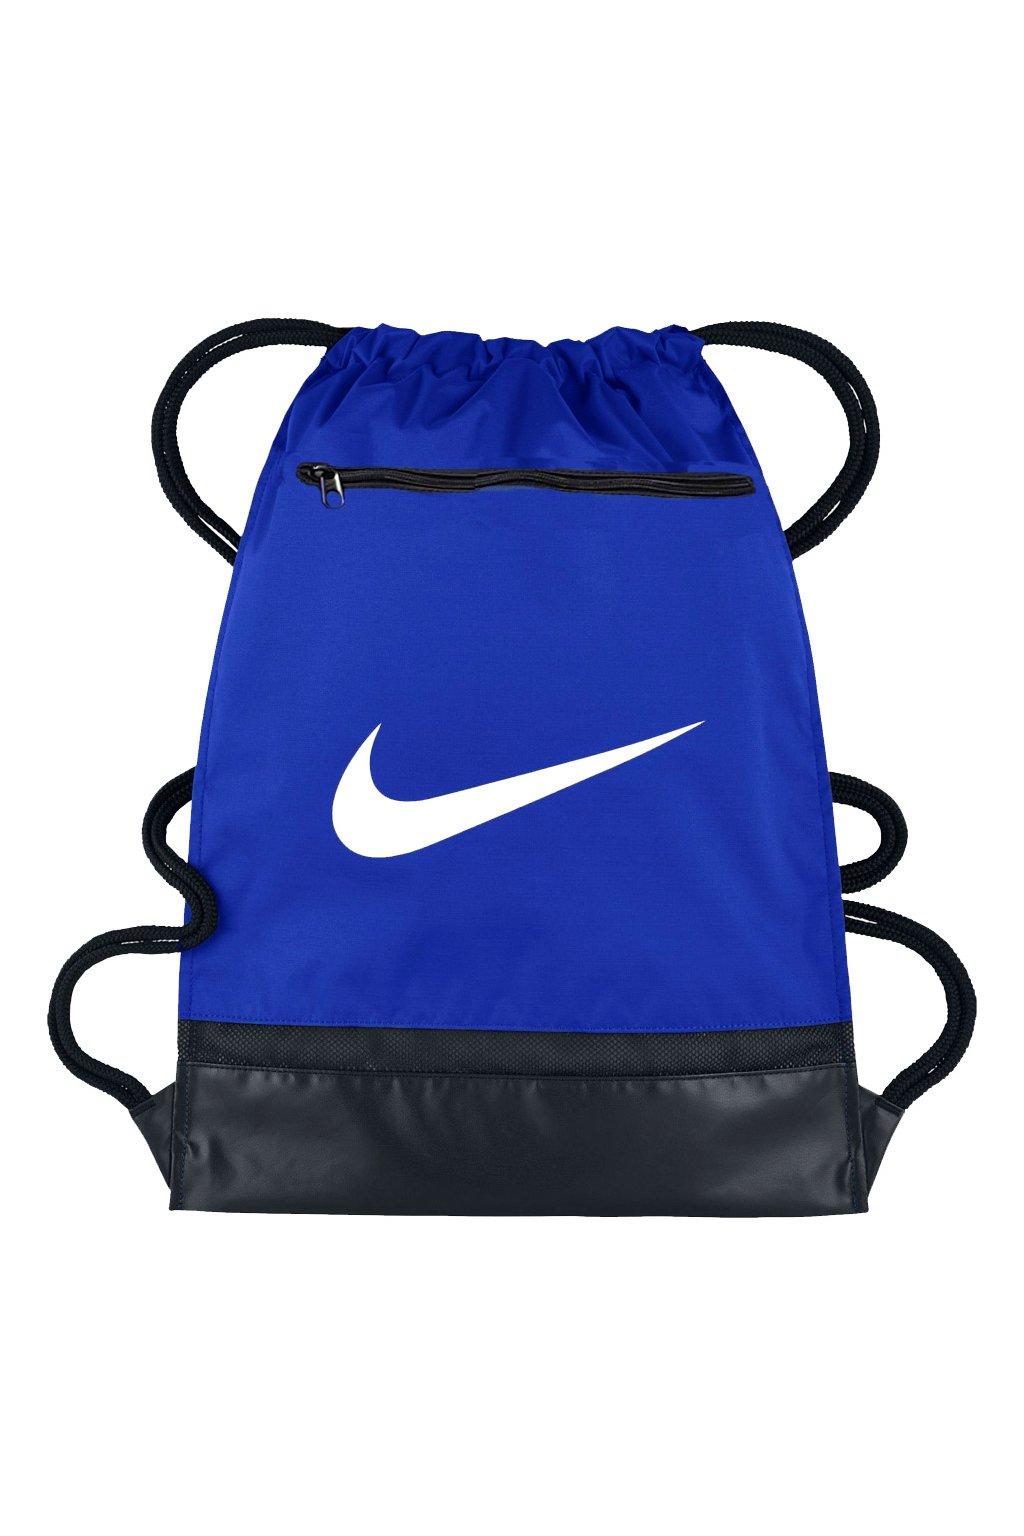 Vak na obuv Nike Brasilia 9.0 modrý BA5953 480